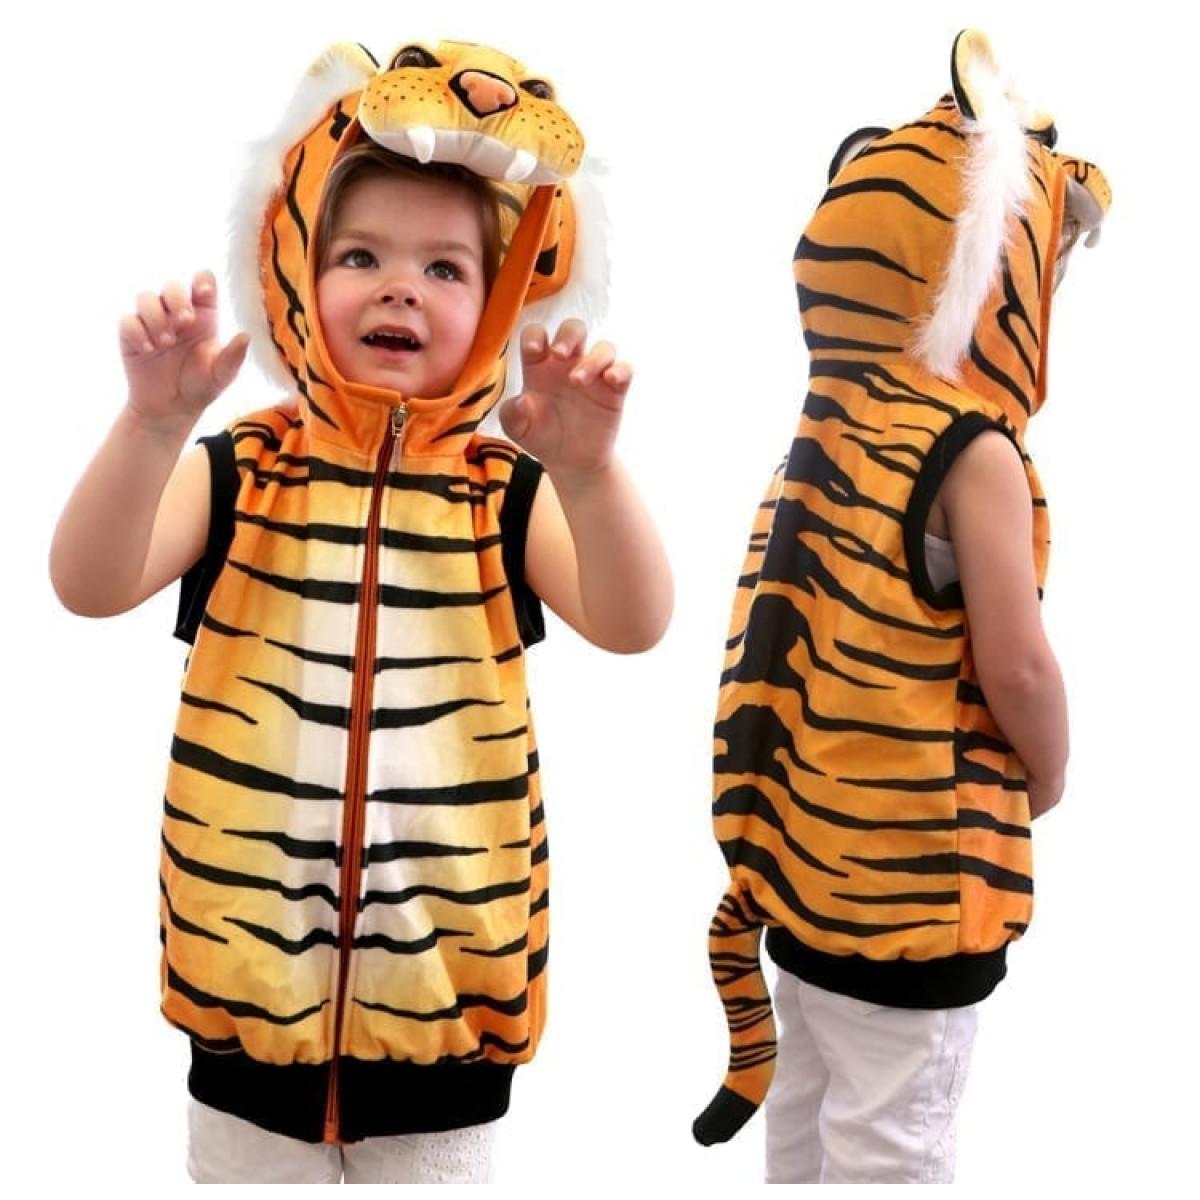 Tiger Costume Vest